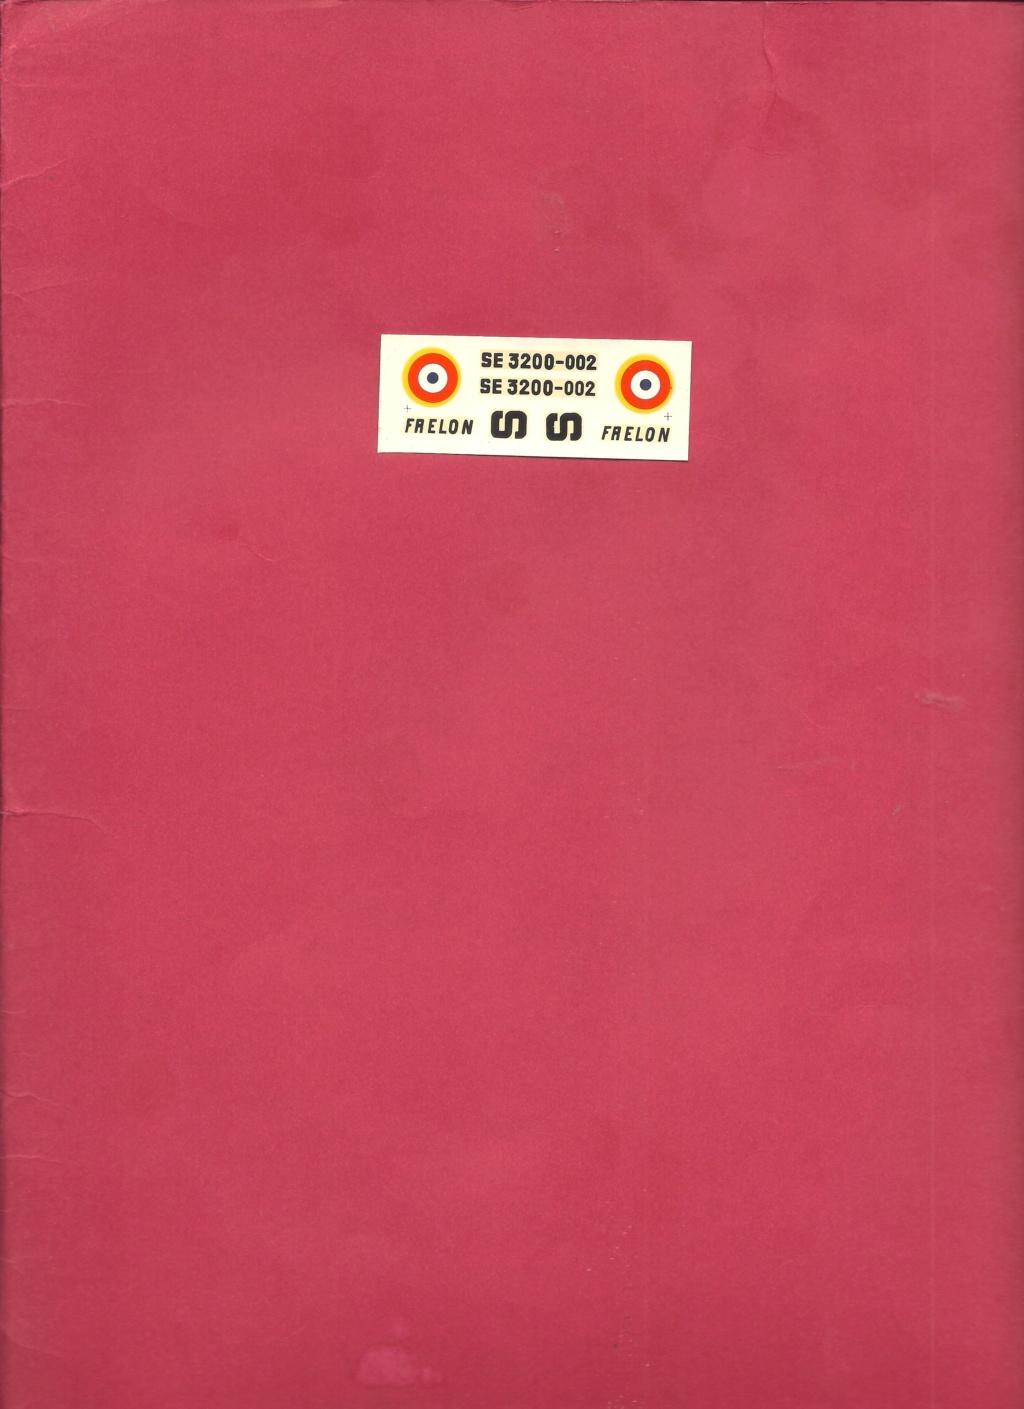 SNCASE SE 3200 FRELON 1/50ème Réf 325 Helle806